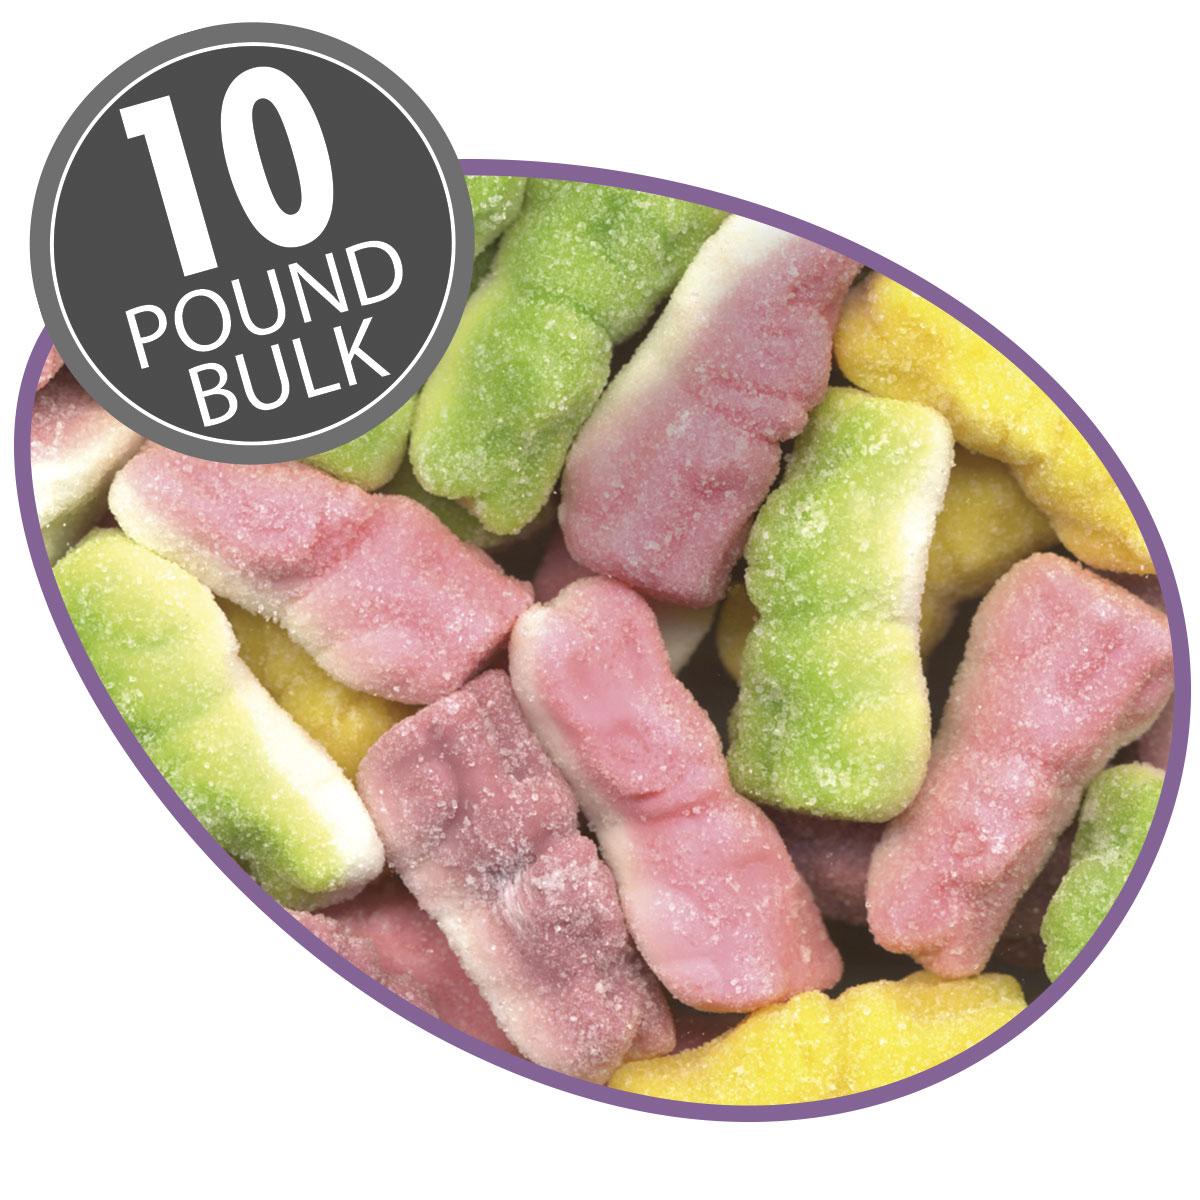 Sour Bunnies - 10 lbs bulk